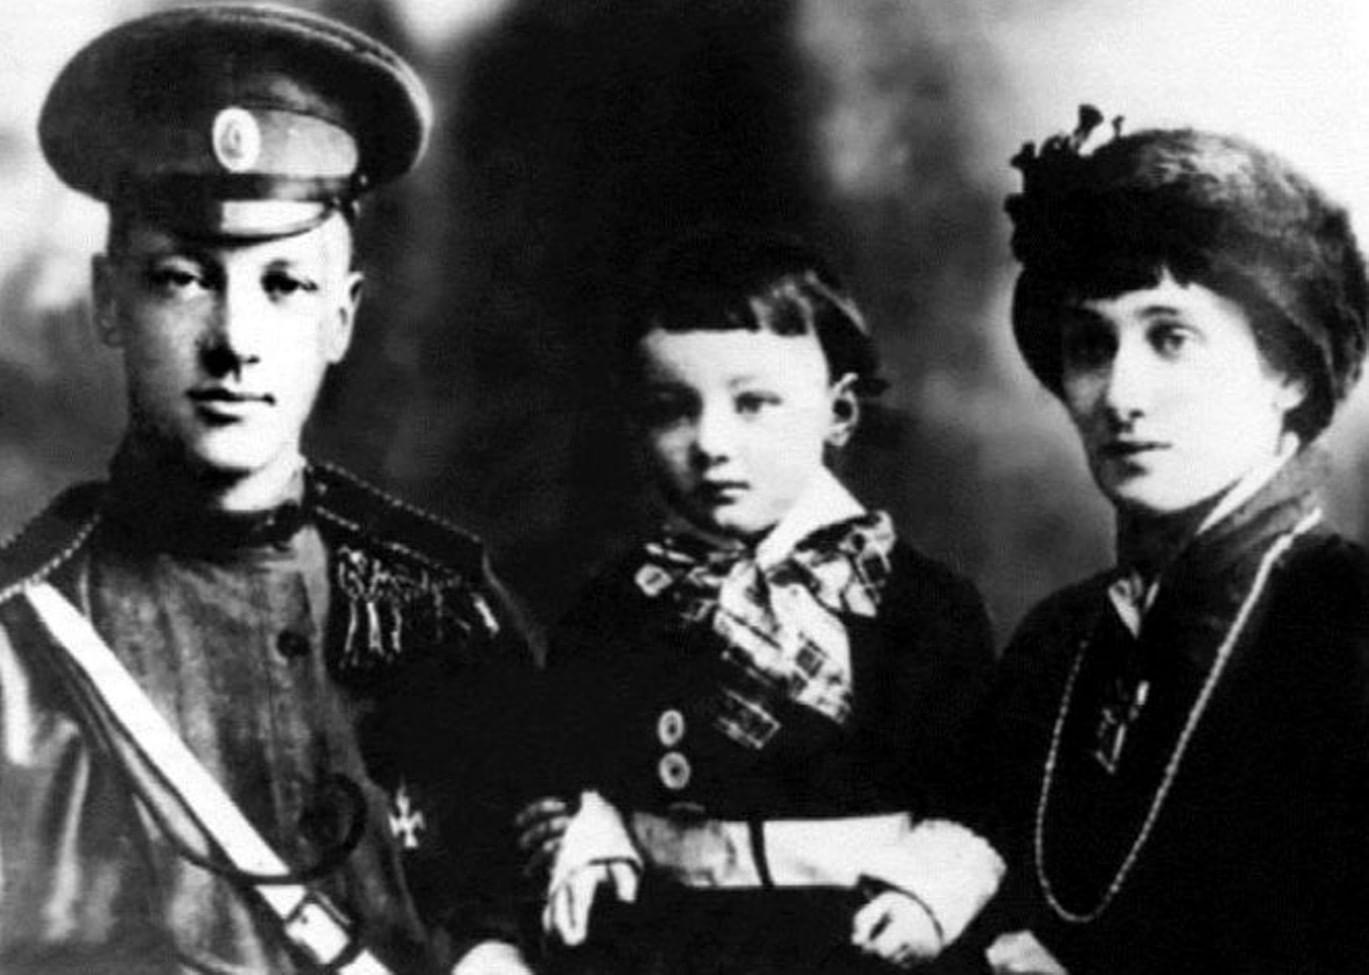 Анна Ахматова - «Такой судьбы не было еще ни у одного поколения»